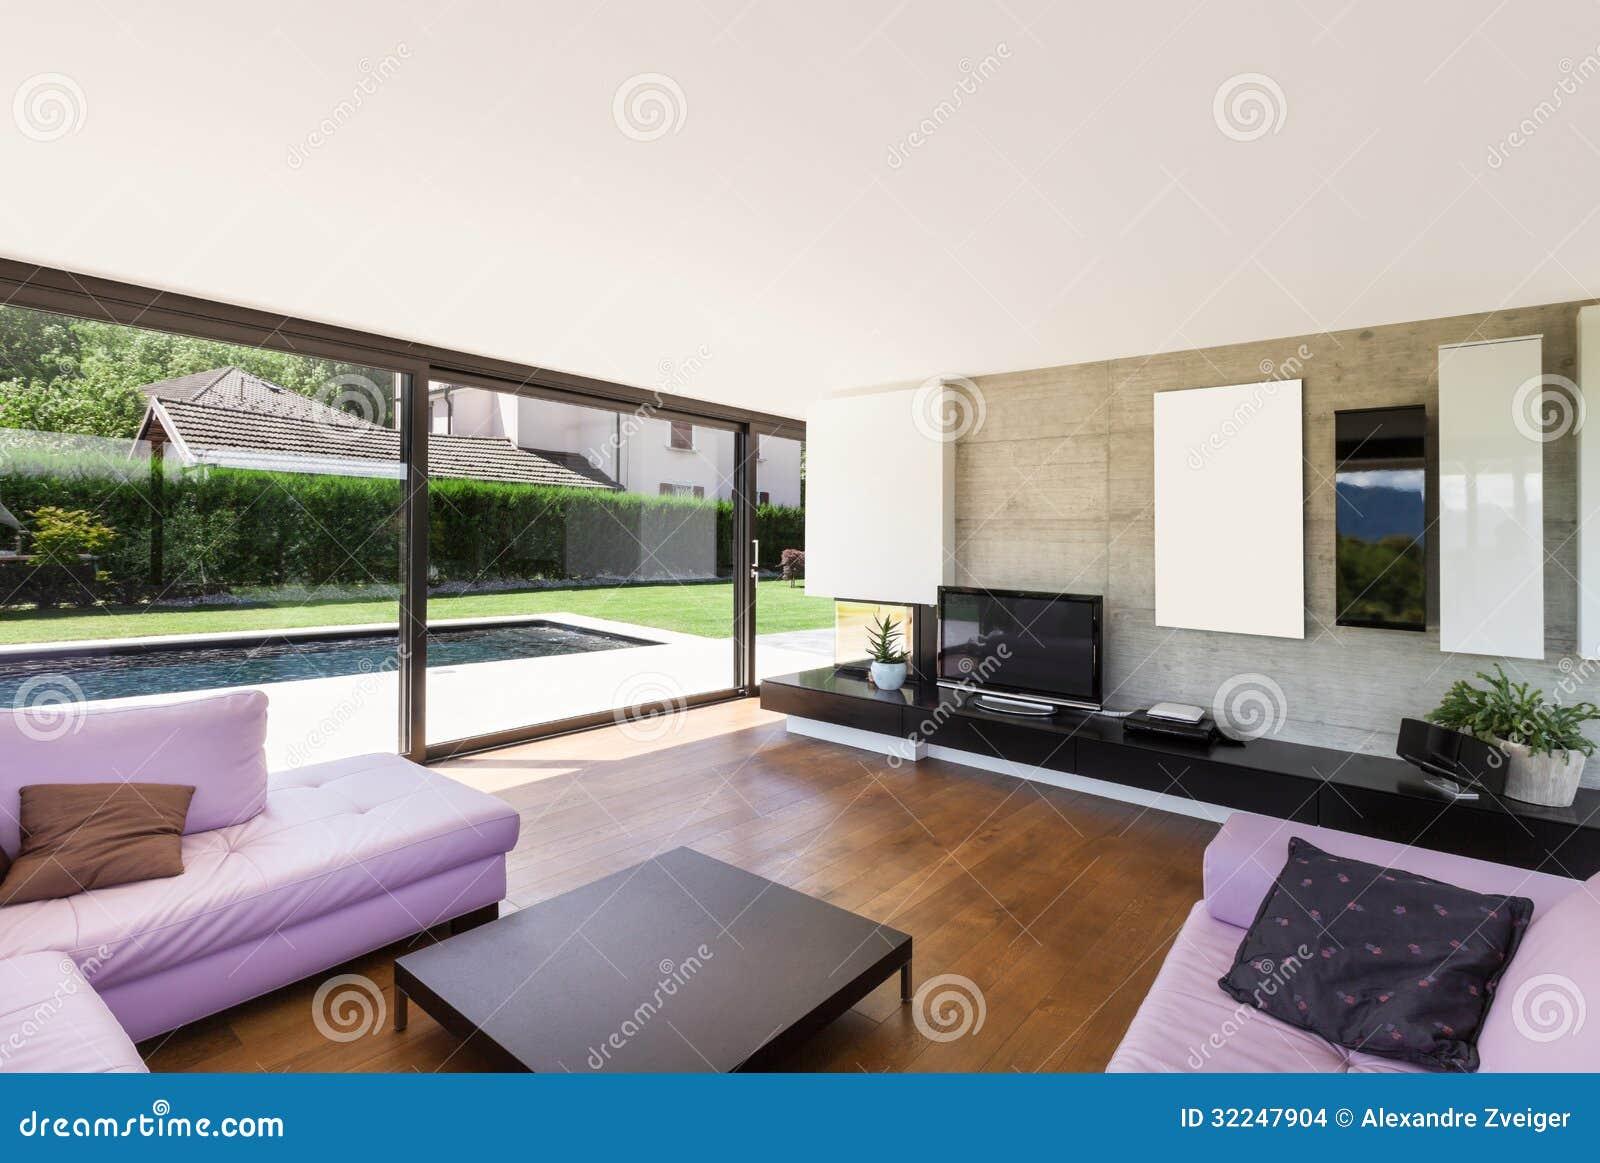 Modernes landhaus innenraum wohnzimmer